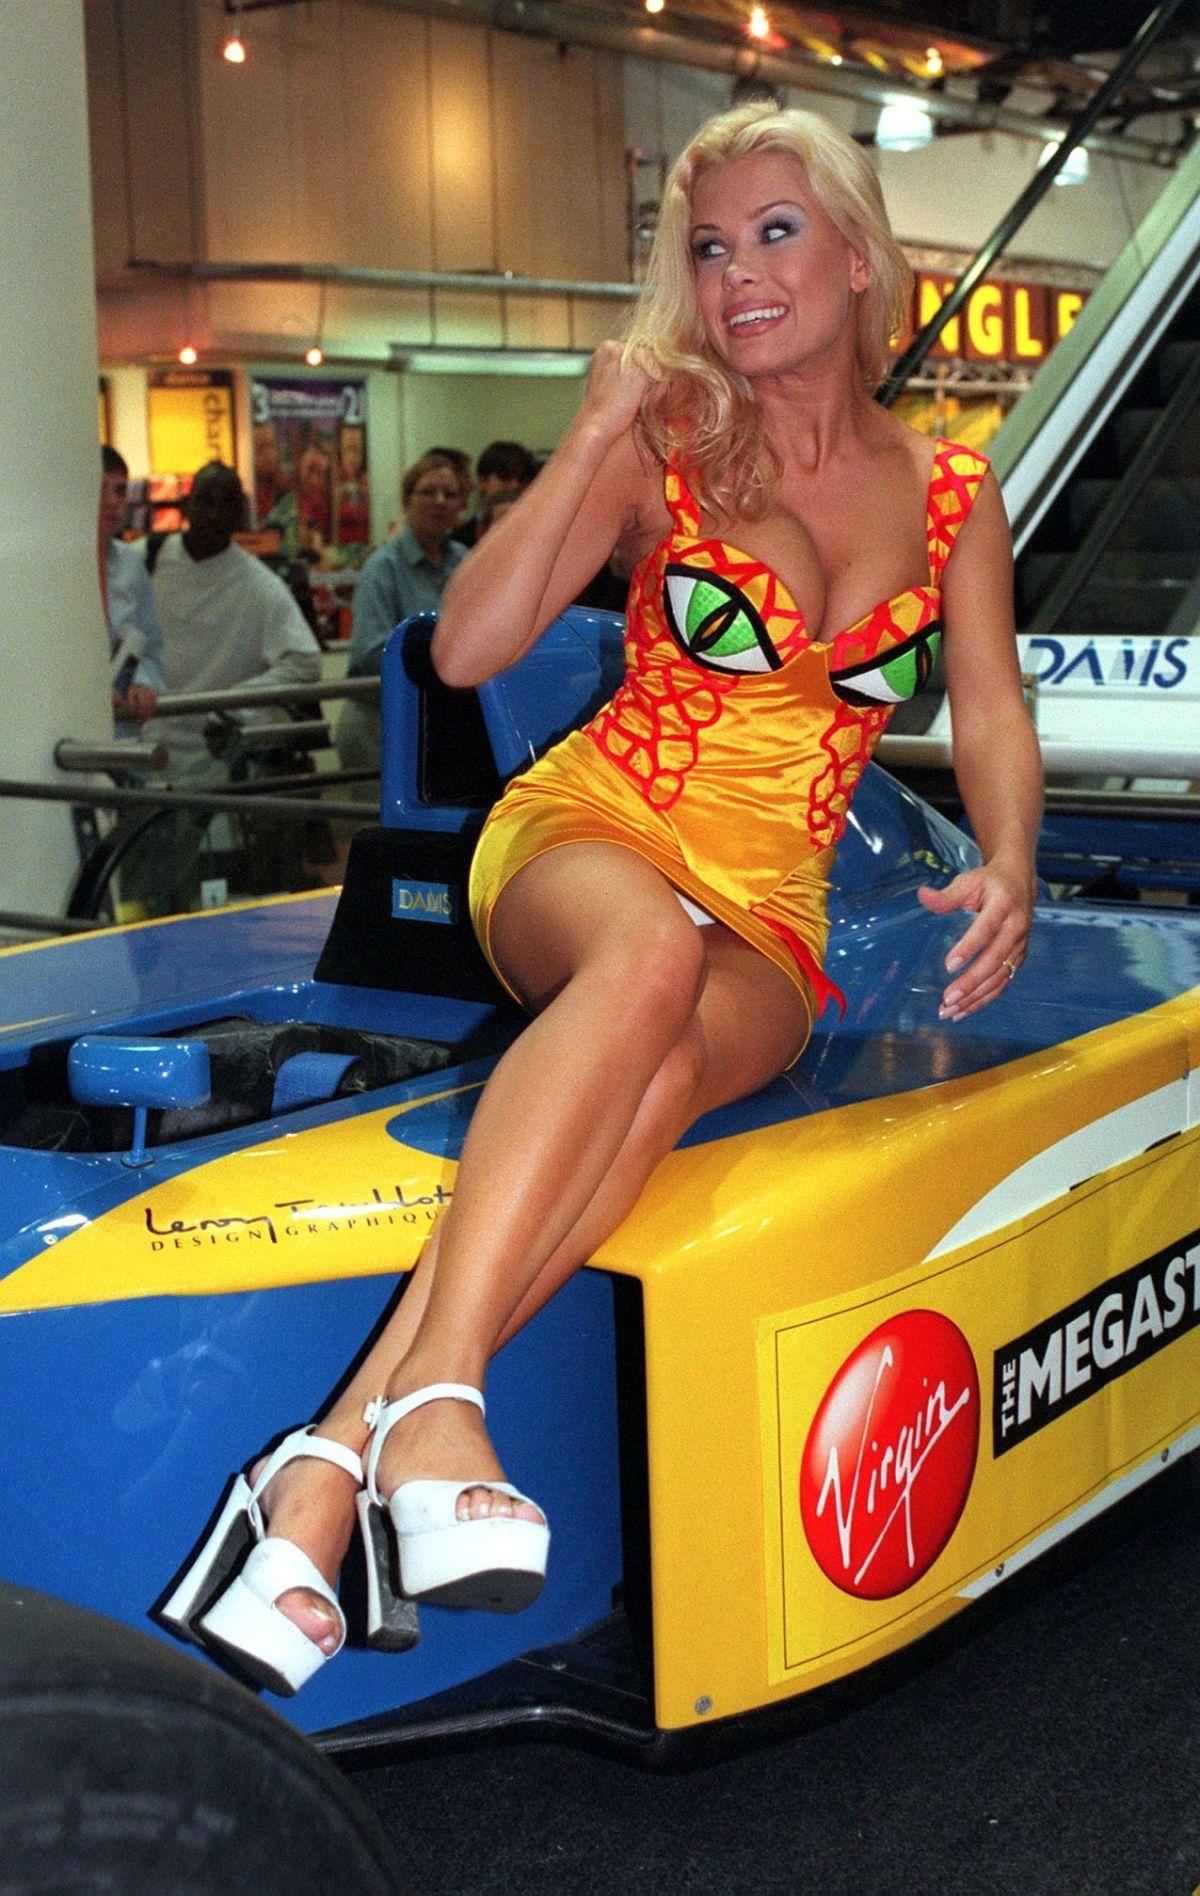 playstation f197 melinda messenger 10 - Limitowana edycja PlayStation Jordan Grand Prix. Niezwykła historia premiery gry Formula 1 97.